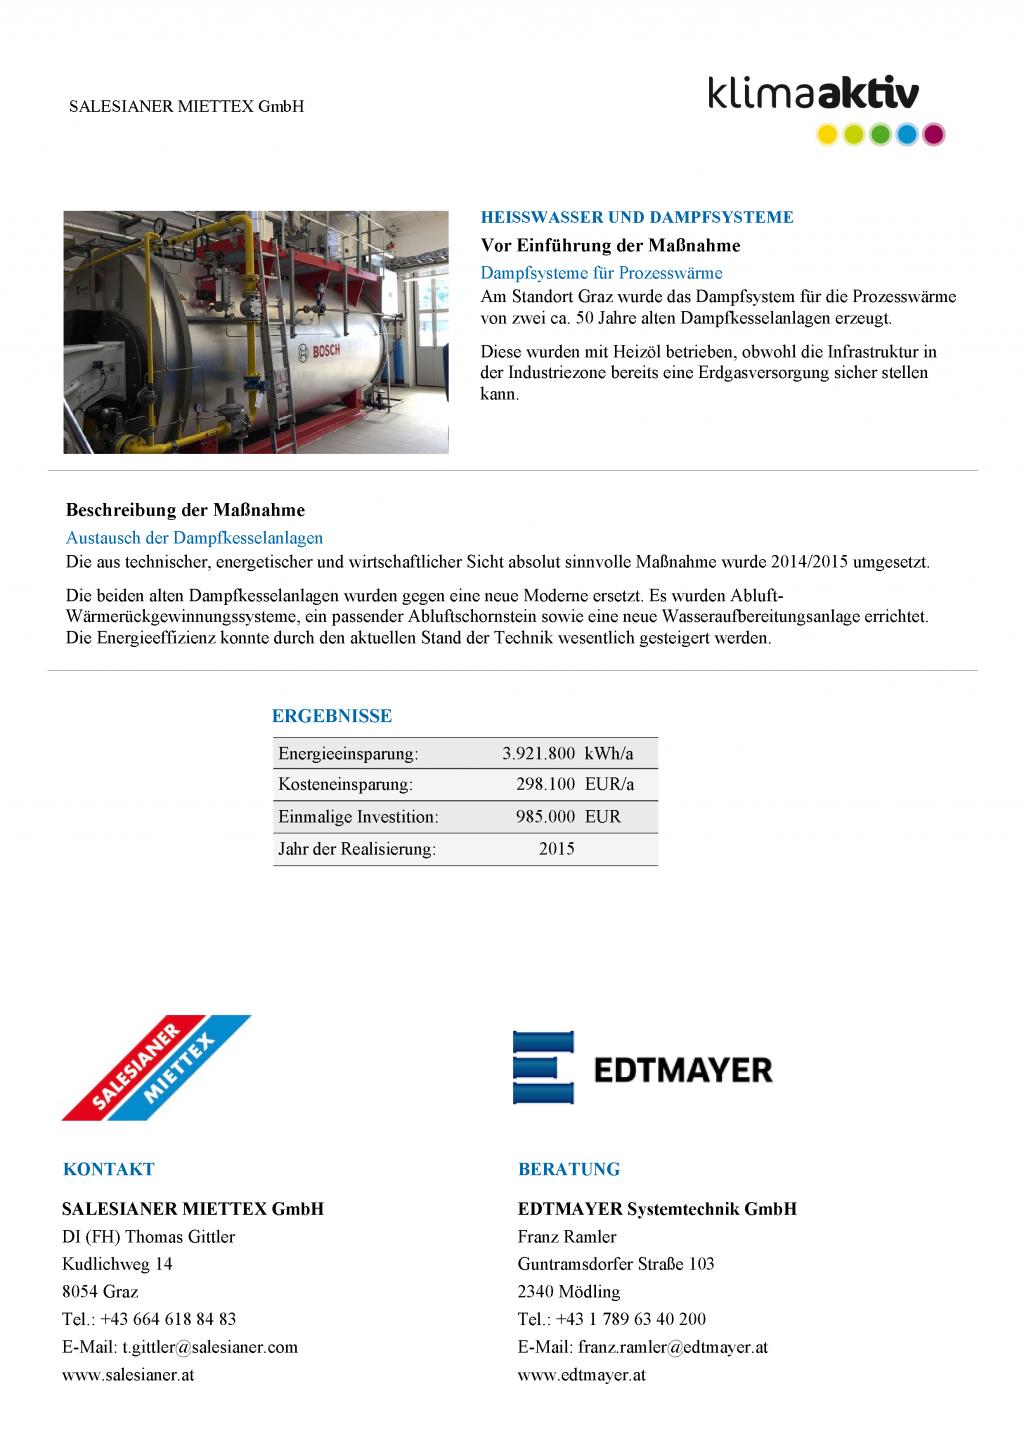 klimaaktiv awarded Edtmayer for energy optimisation project ...